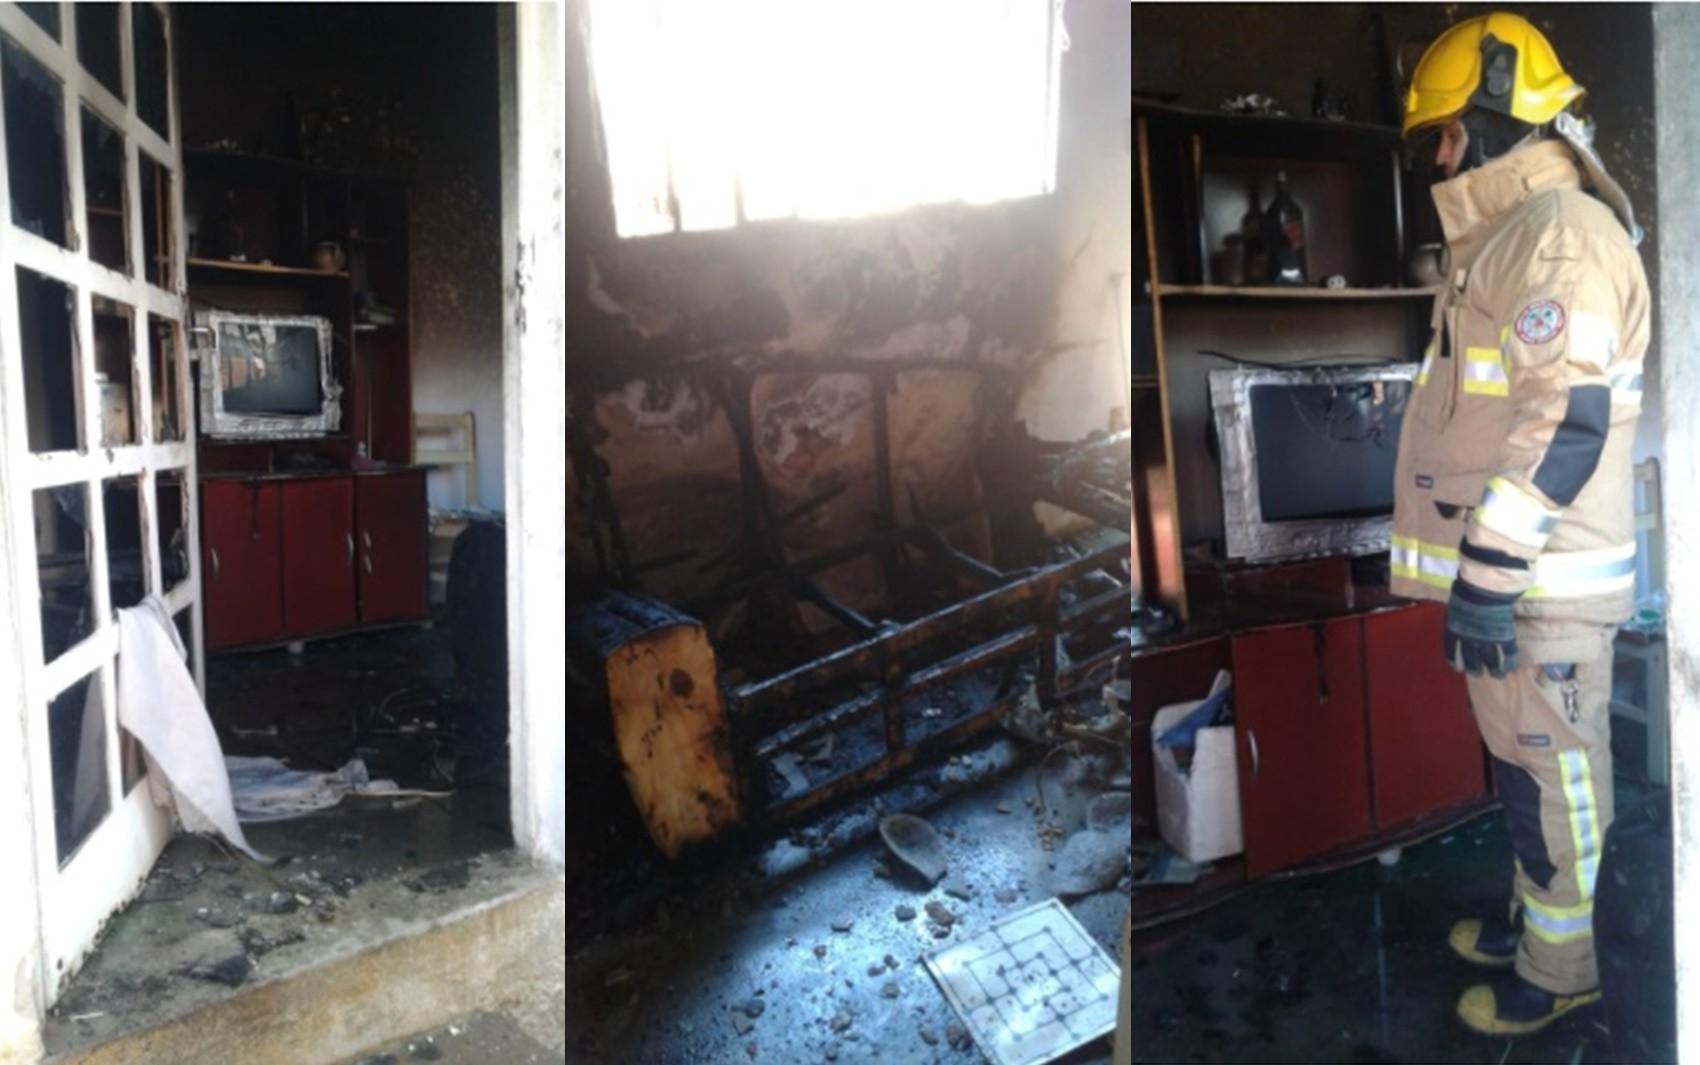 Suposto incêndio criminoso deixa sala de residência destruída em Poços de Caldas, MG